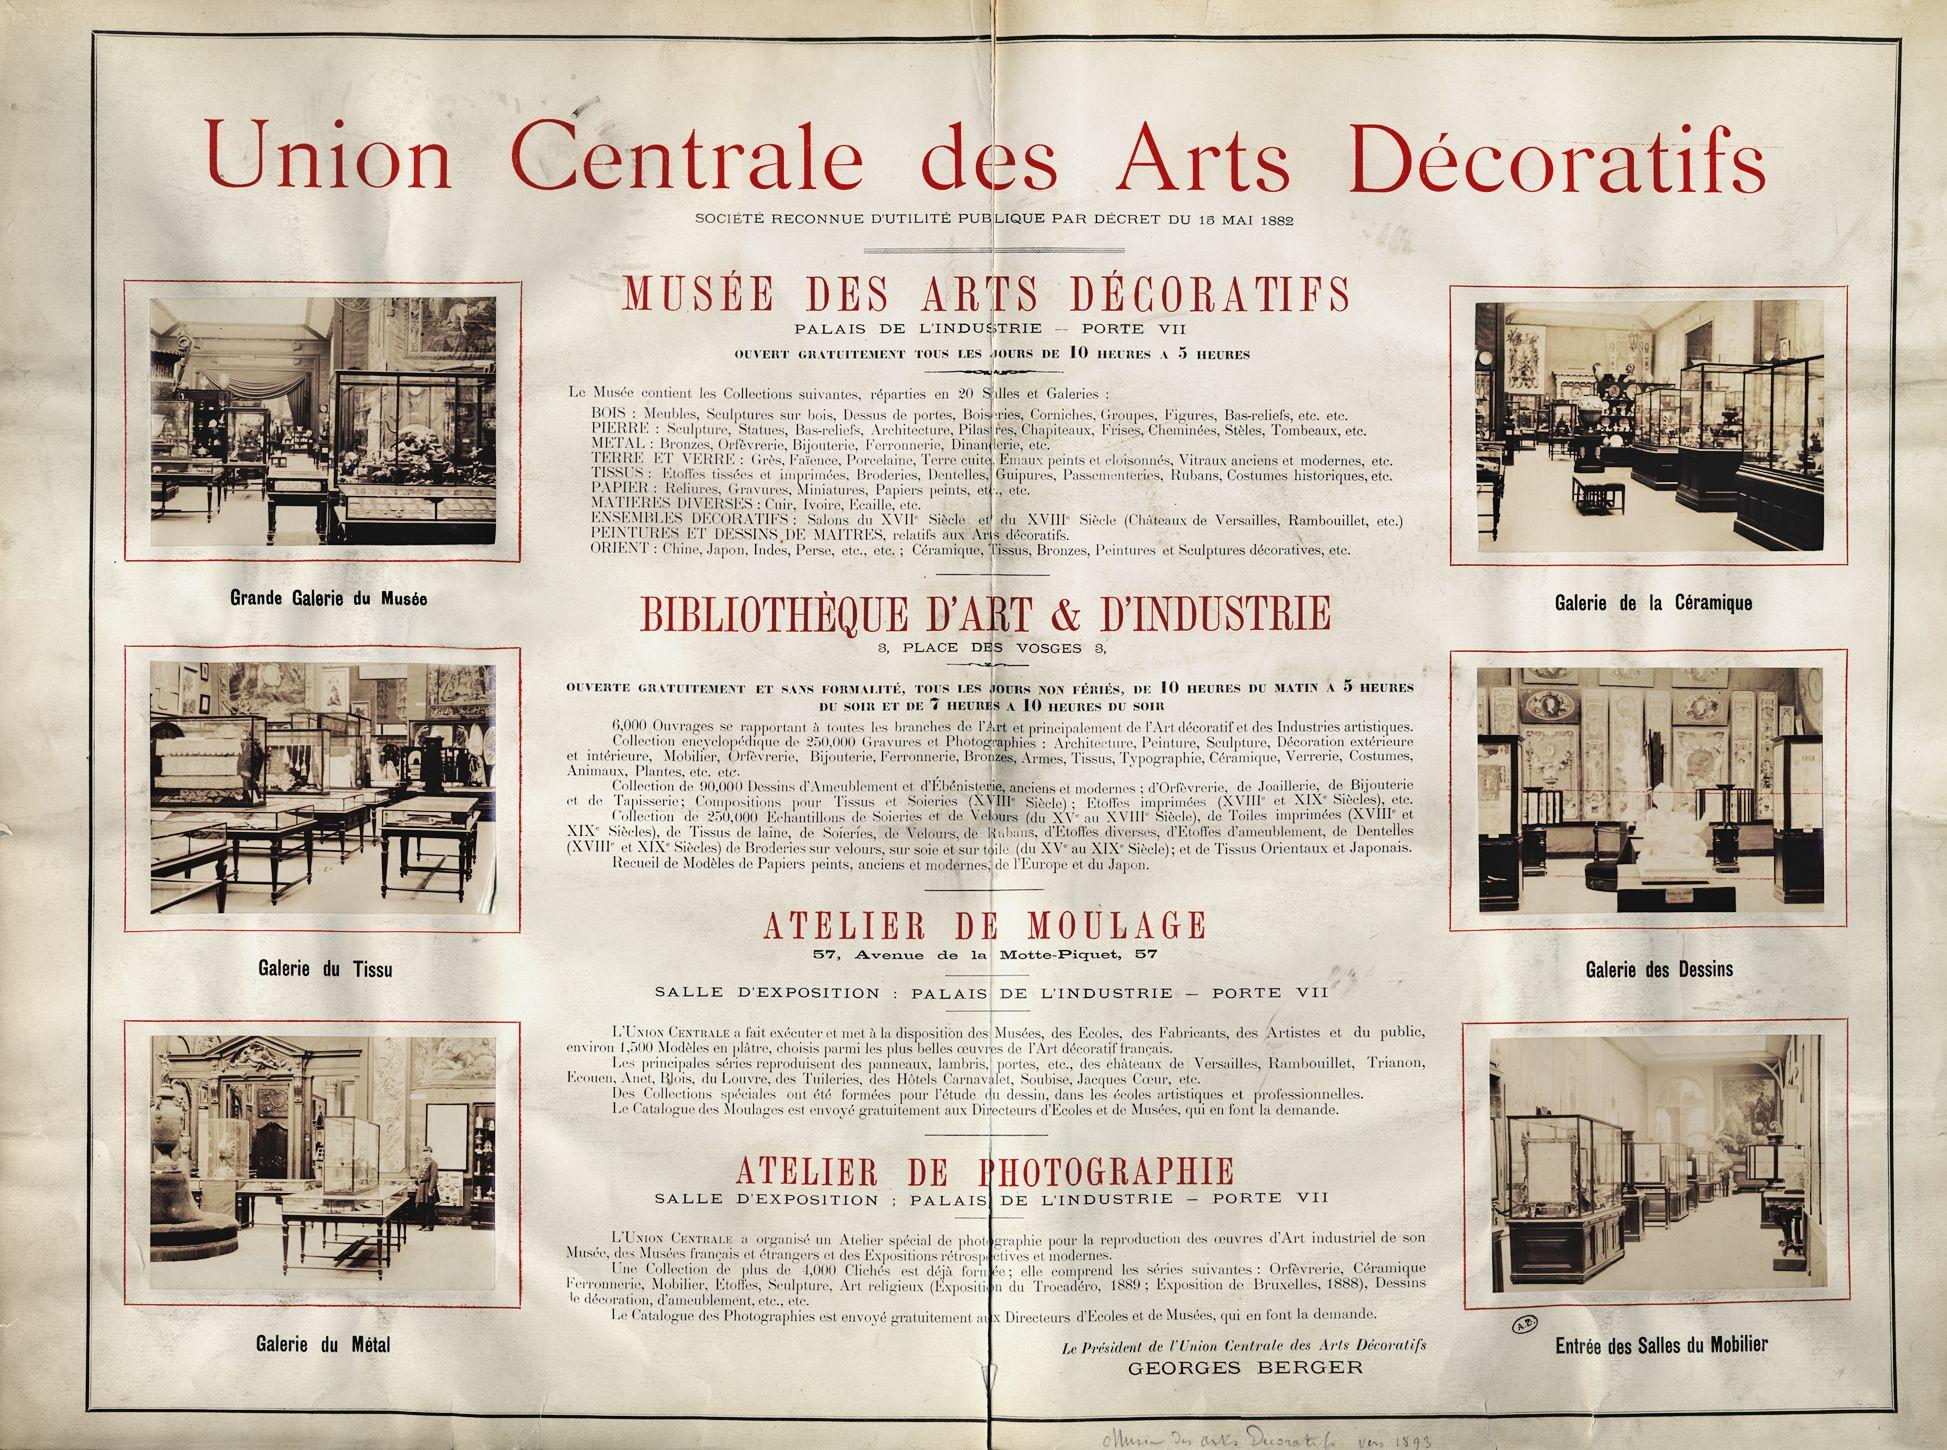 29 mai 1905 l inauguration du mus e des arts d coratifs au pavillon de marsan. Black Bedroom Furniture Sets. Home Design Ideas